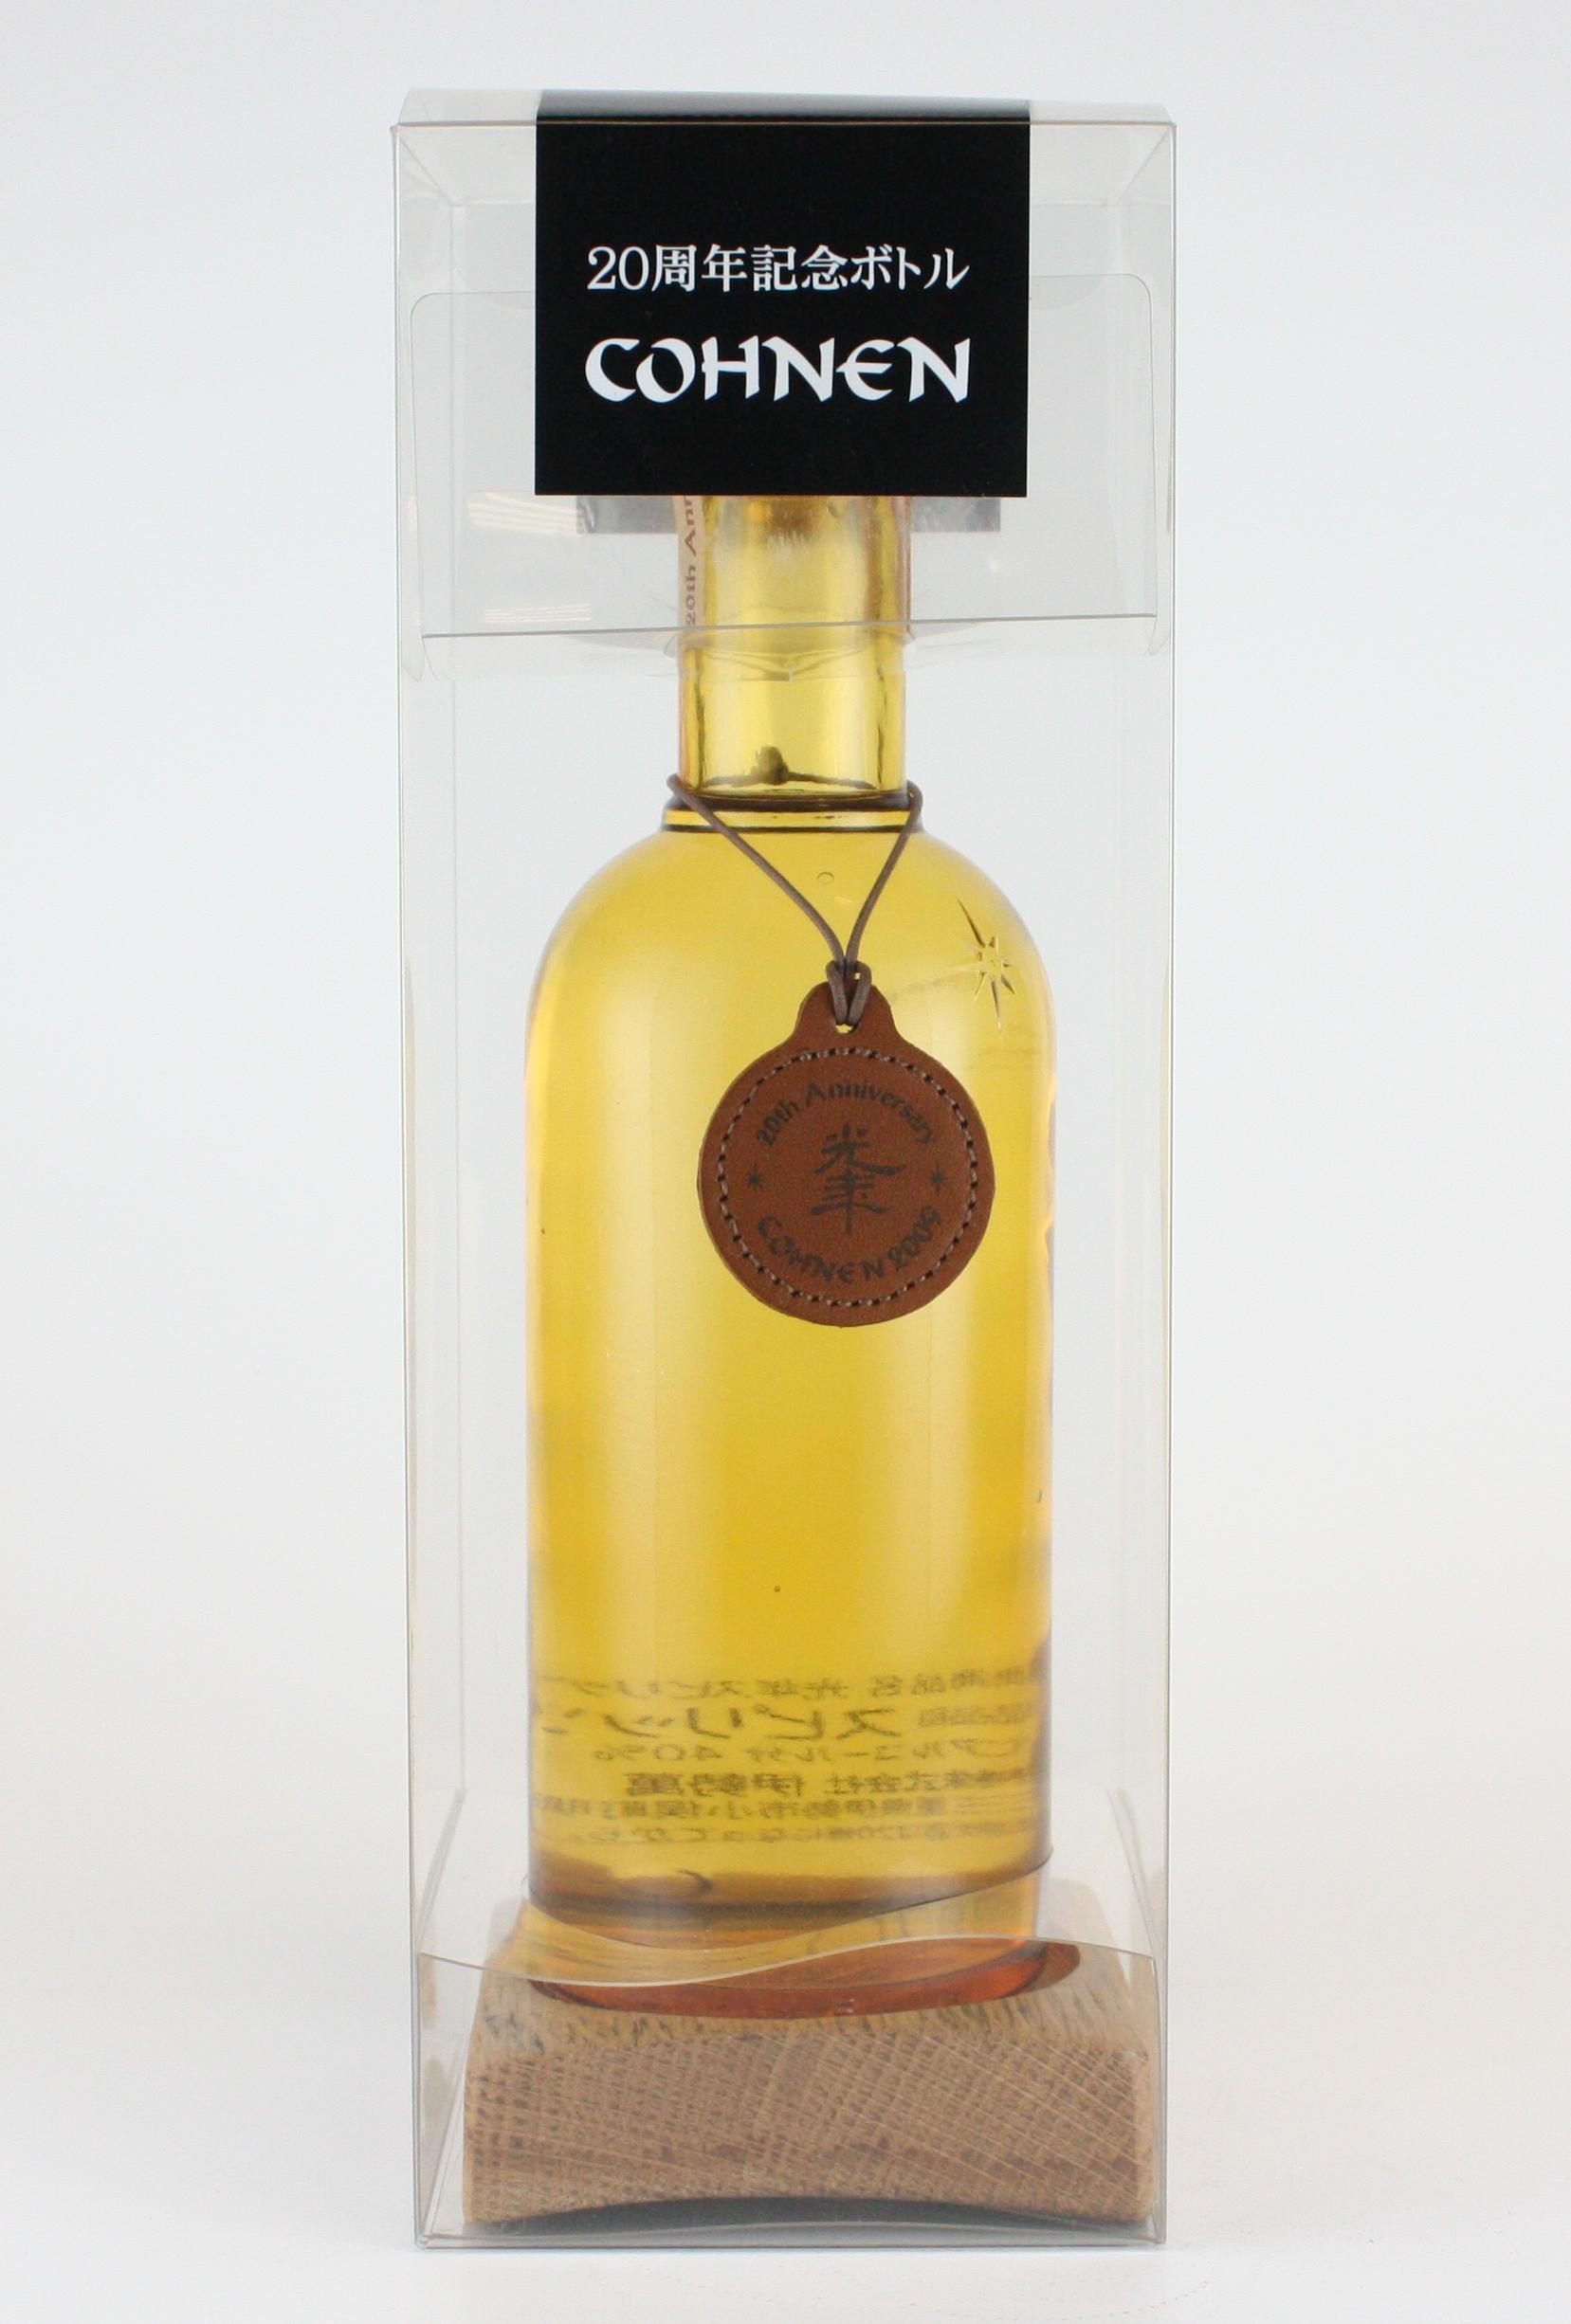 光年スピリッツ 20周年記念ボトル 40度 400ml 【三重/伊勢萬】